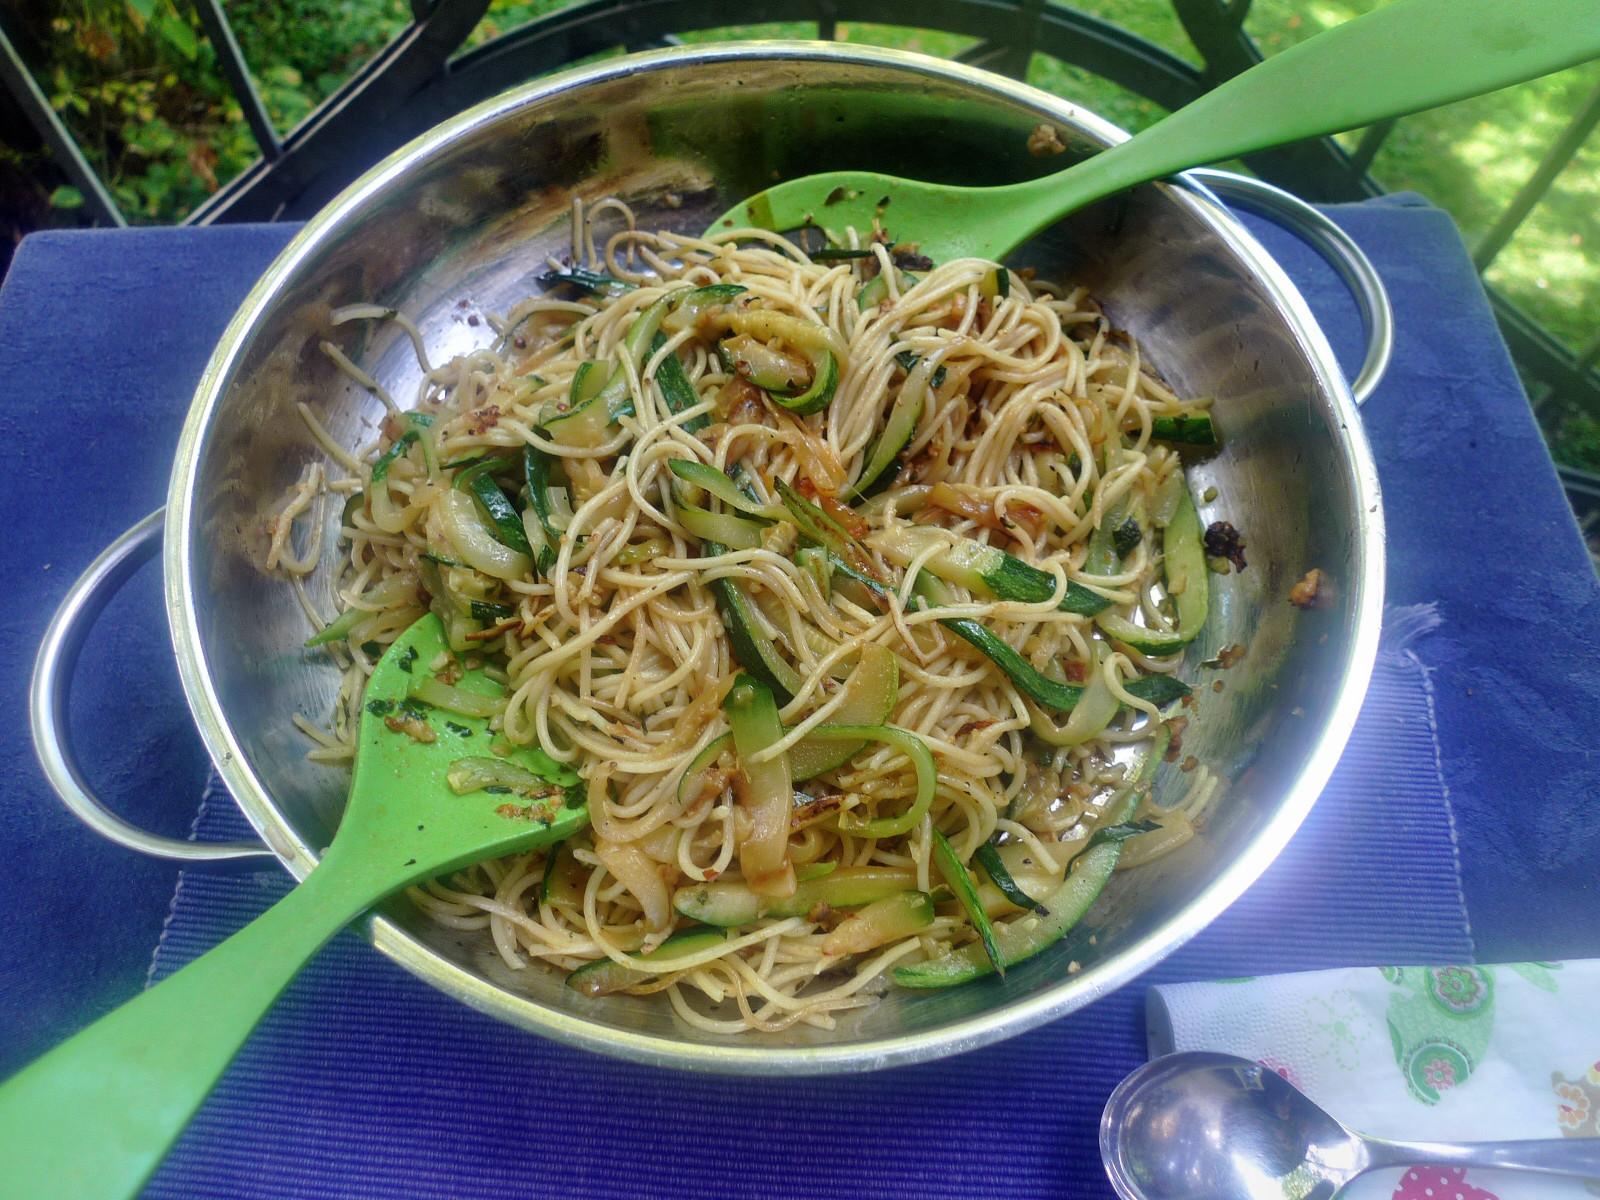 Spaghetti-Zucchinipfanne-27.8.14   (7)